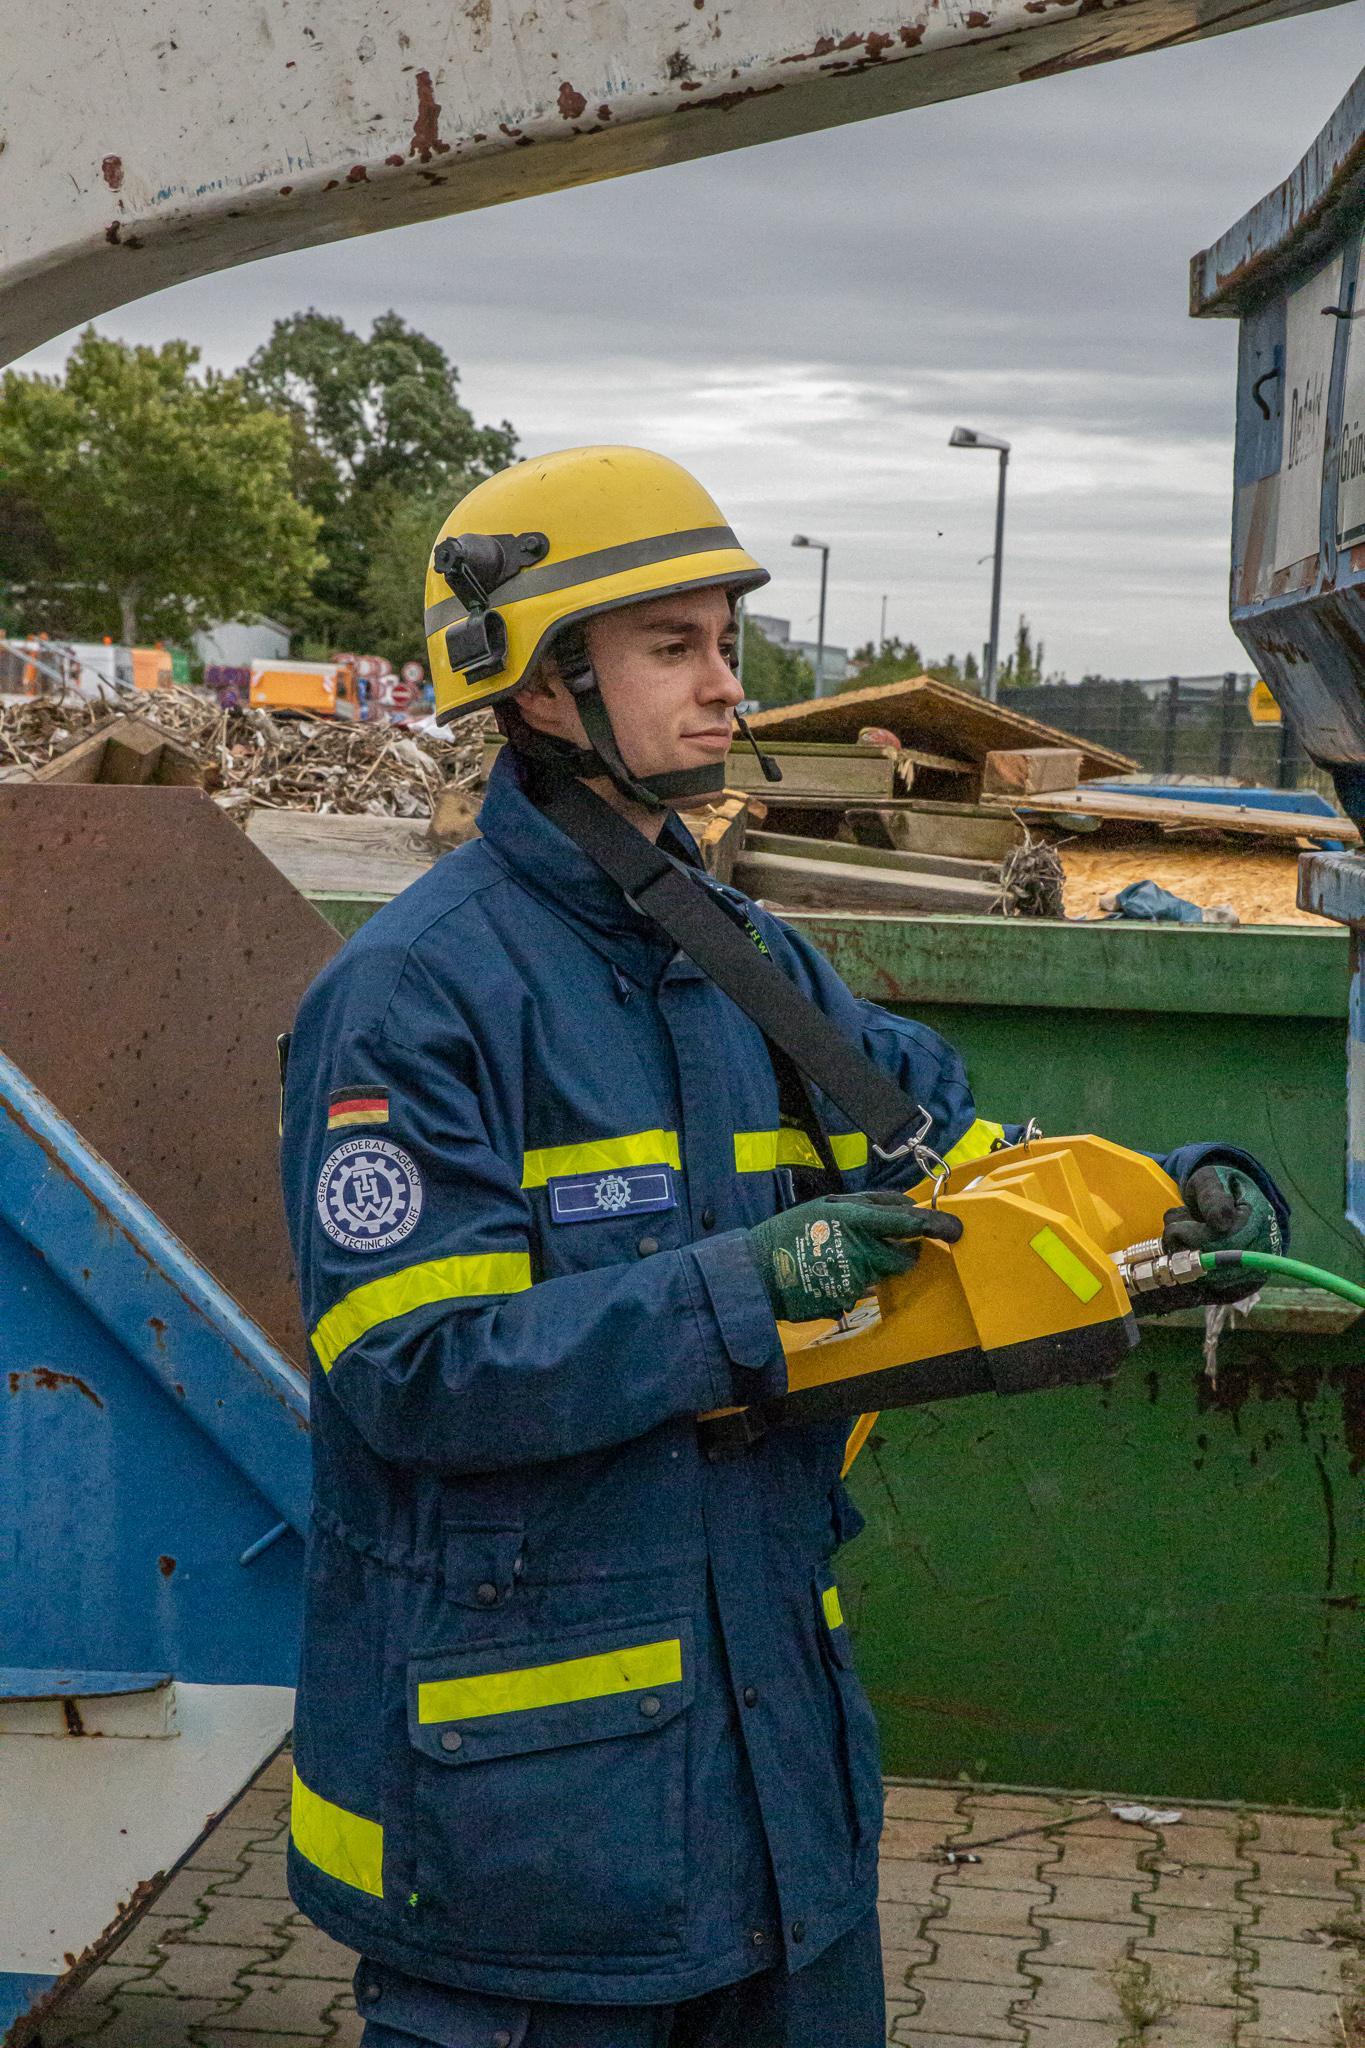 FeuerwehrSim 2019 Wirtschaftsbetrieb-6